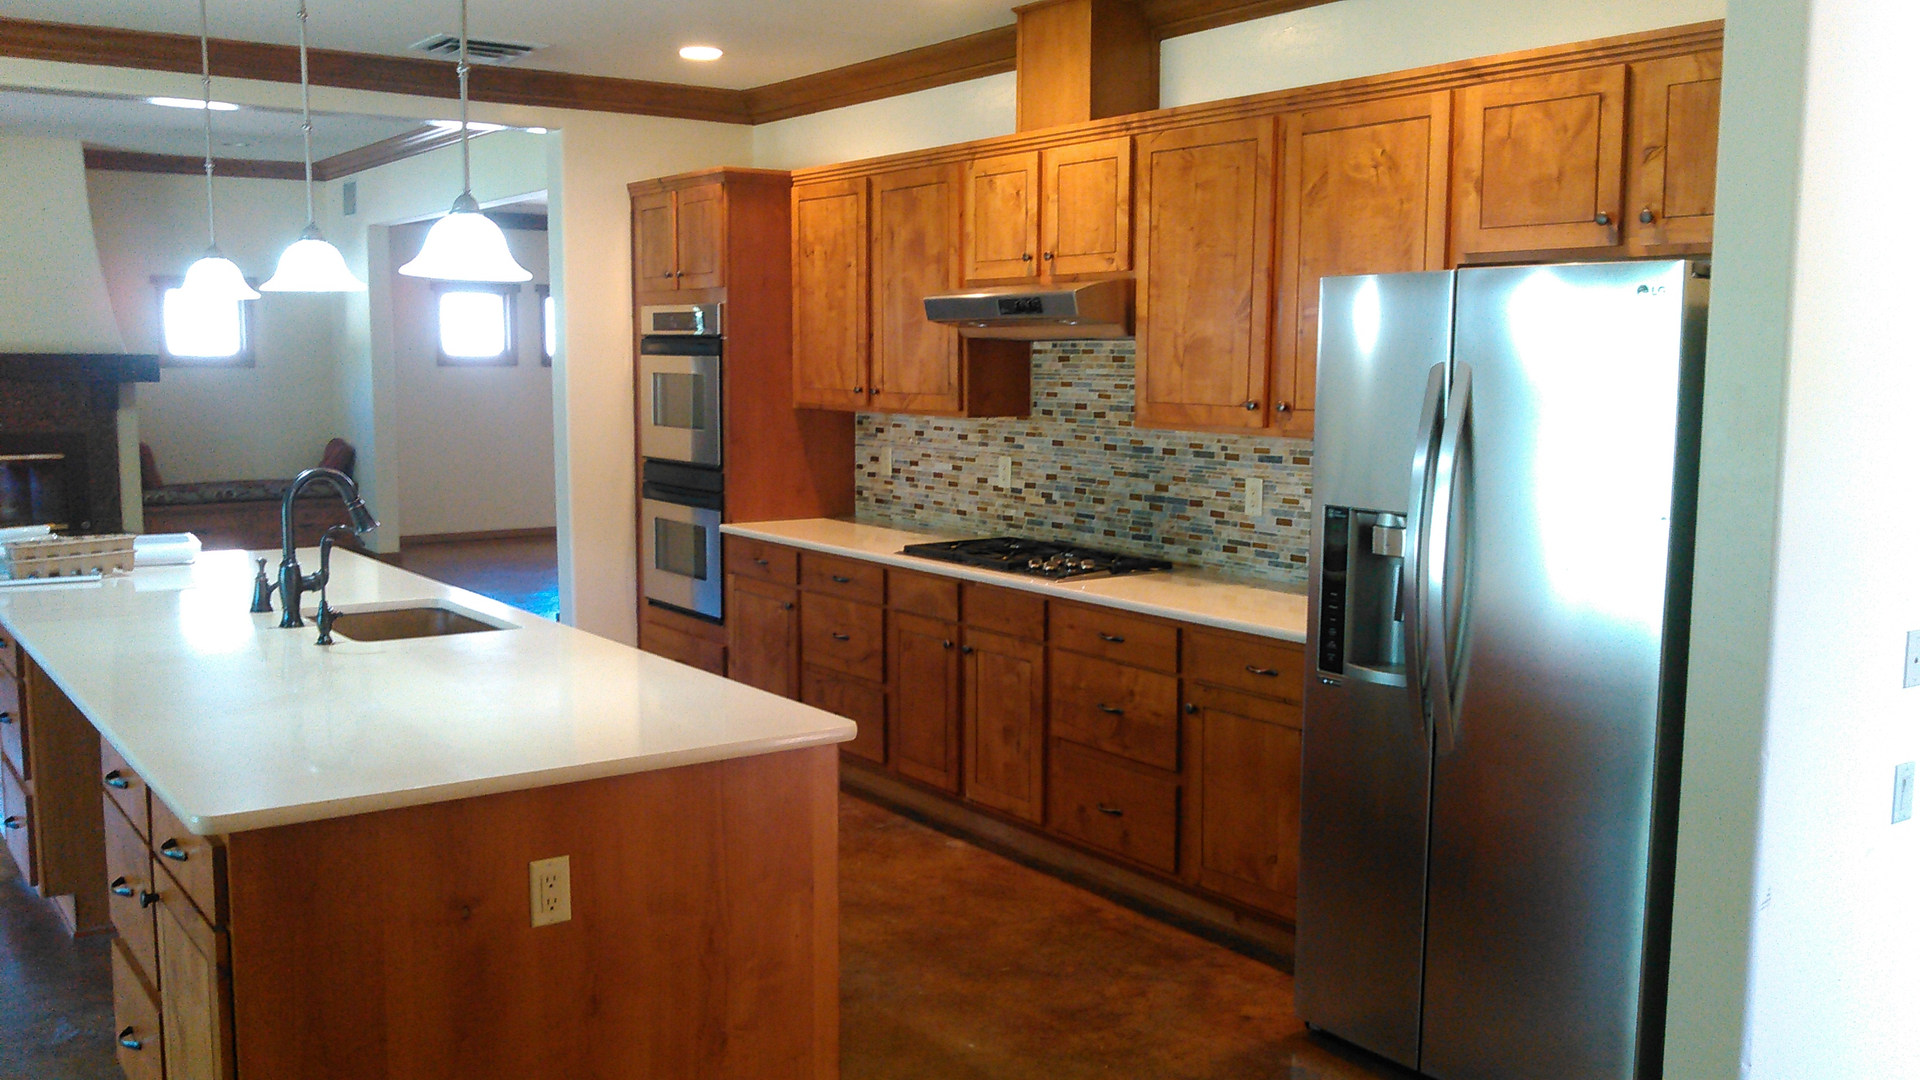 kitchencabinets6.jpg